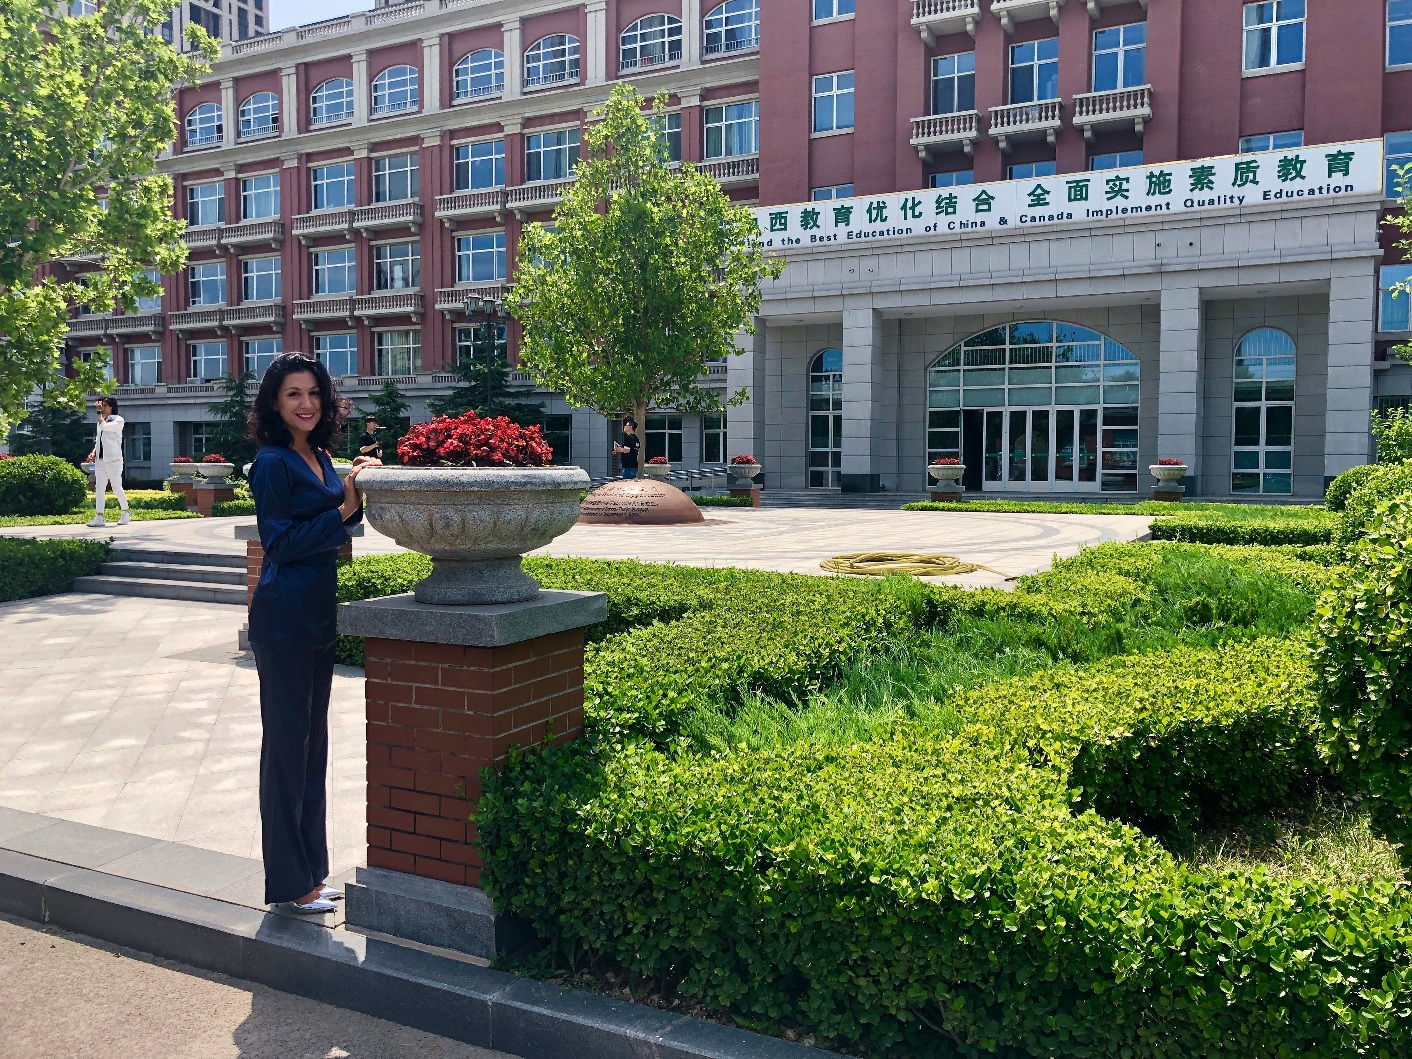 Ana ispred škole u Tianjinu